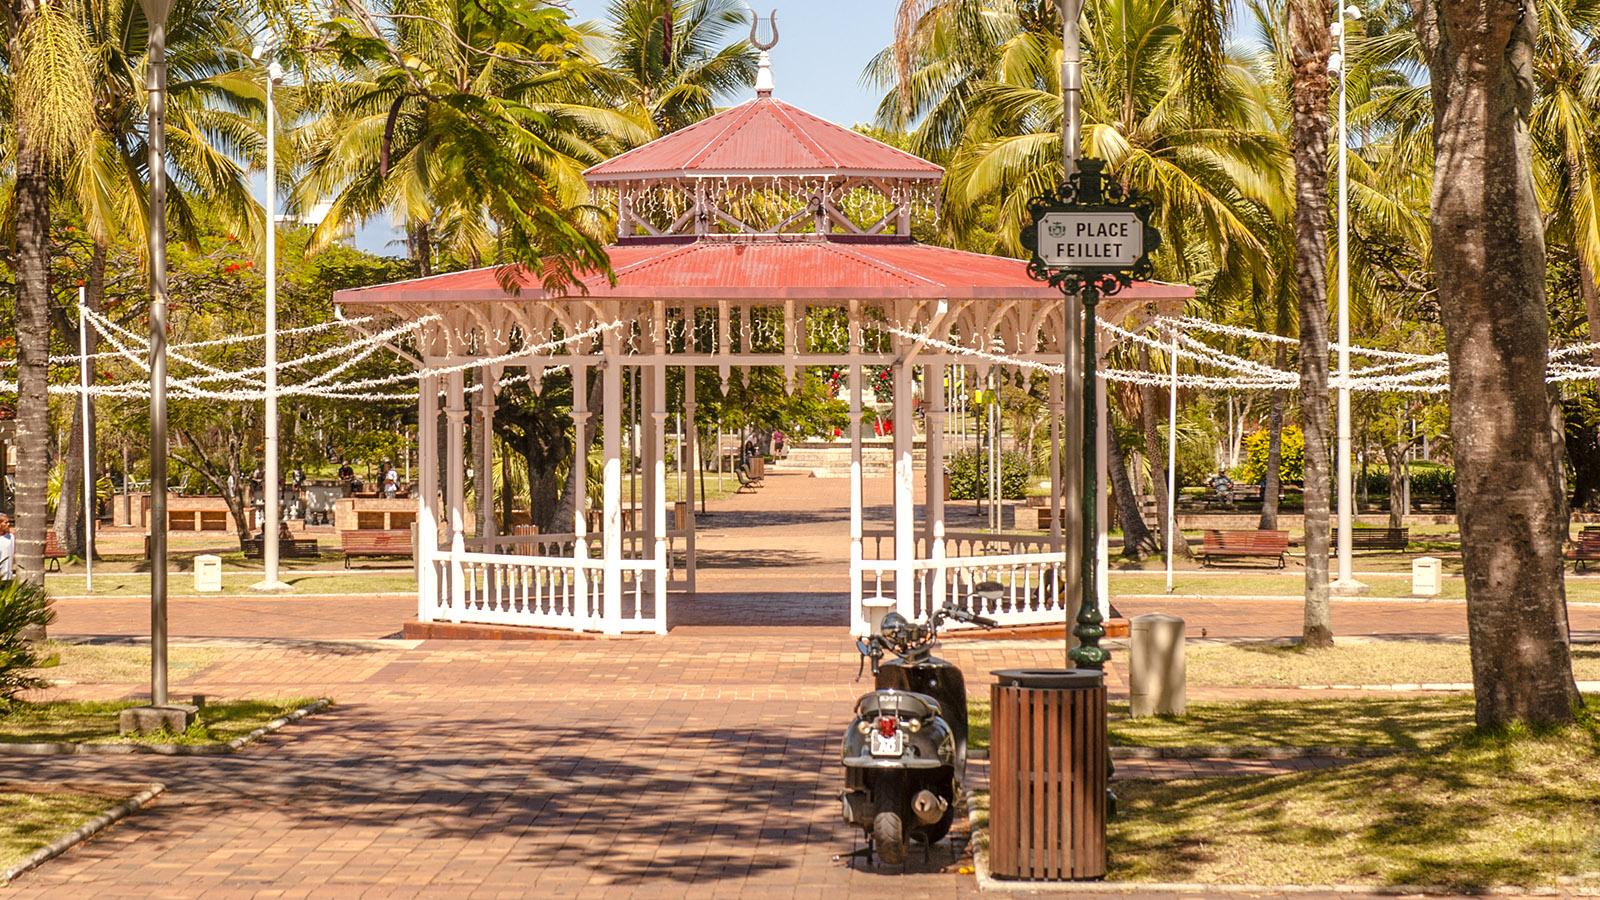 Neukaledonien: Die Place Feillet im Herzen von Nouméa. Foto: Hilke Maunder